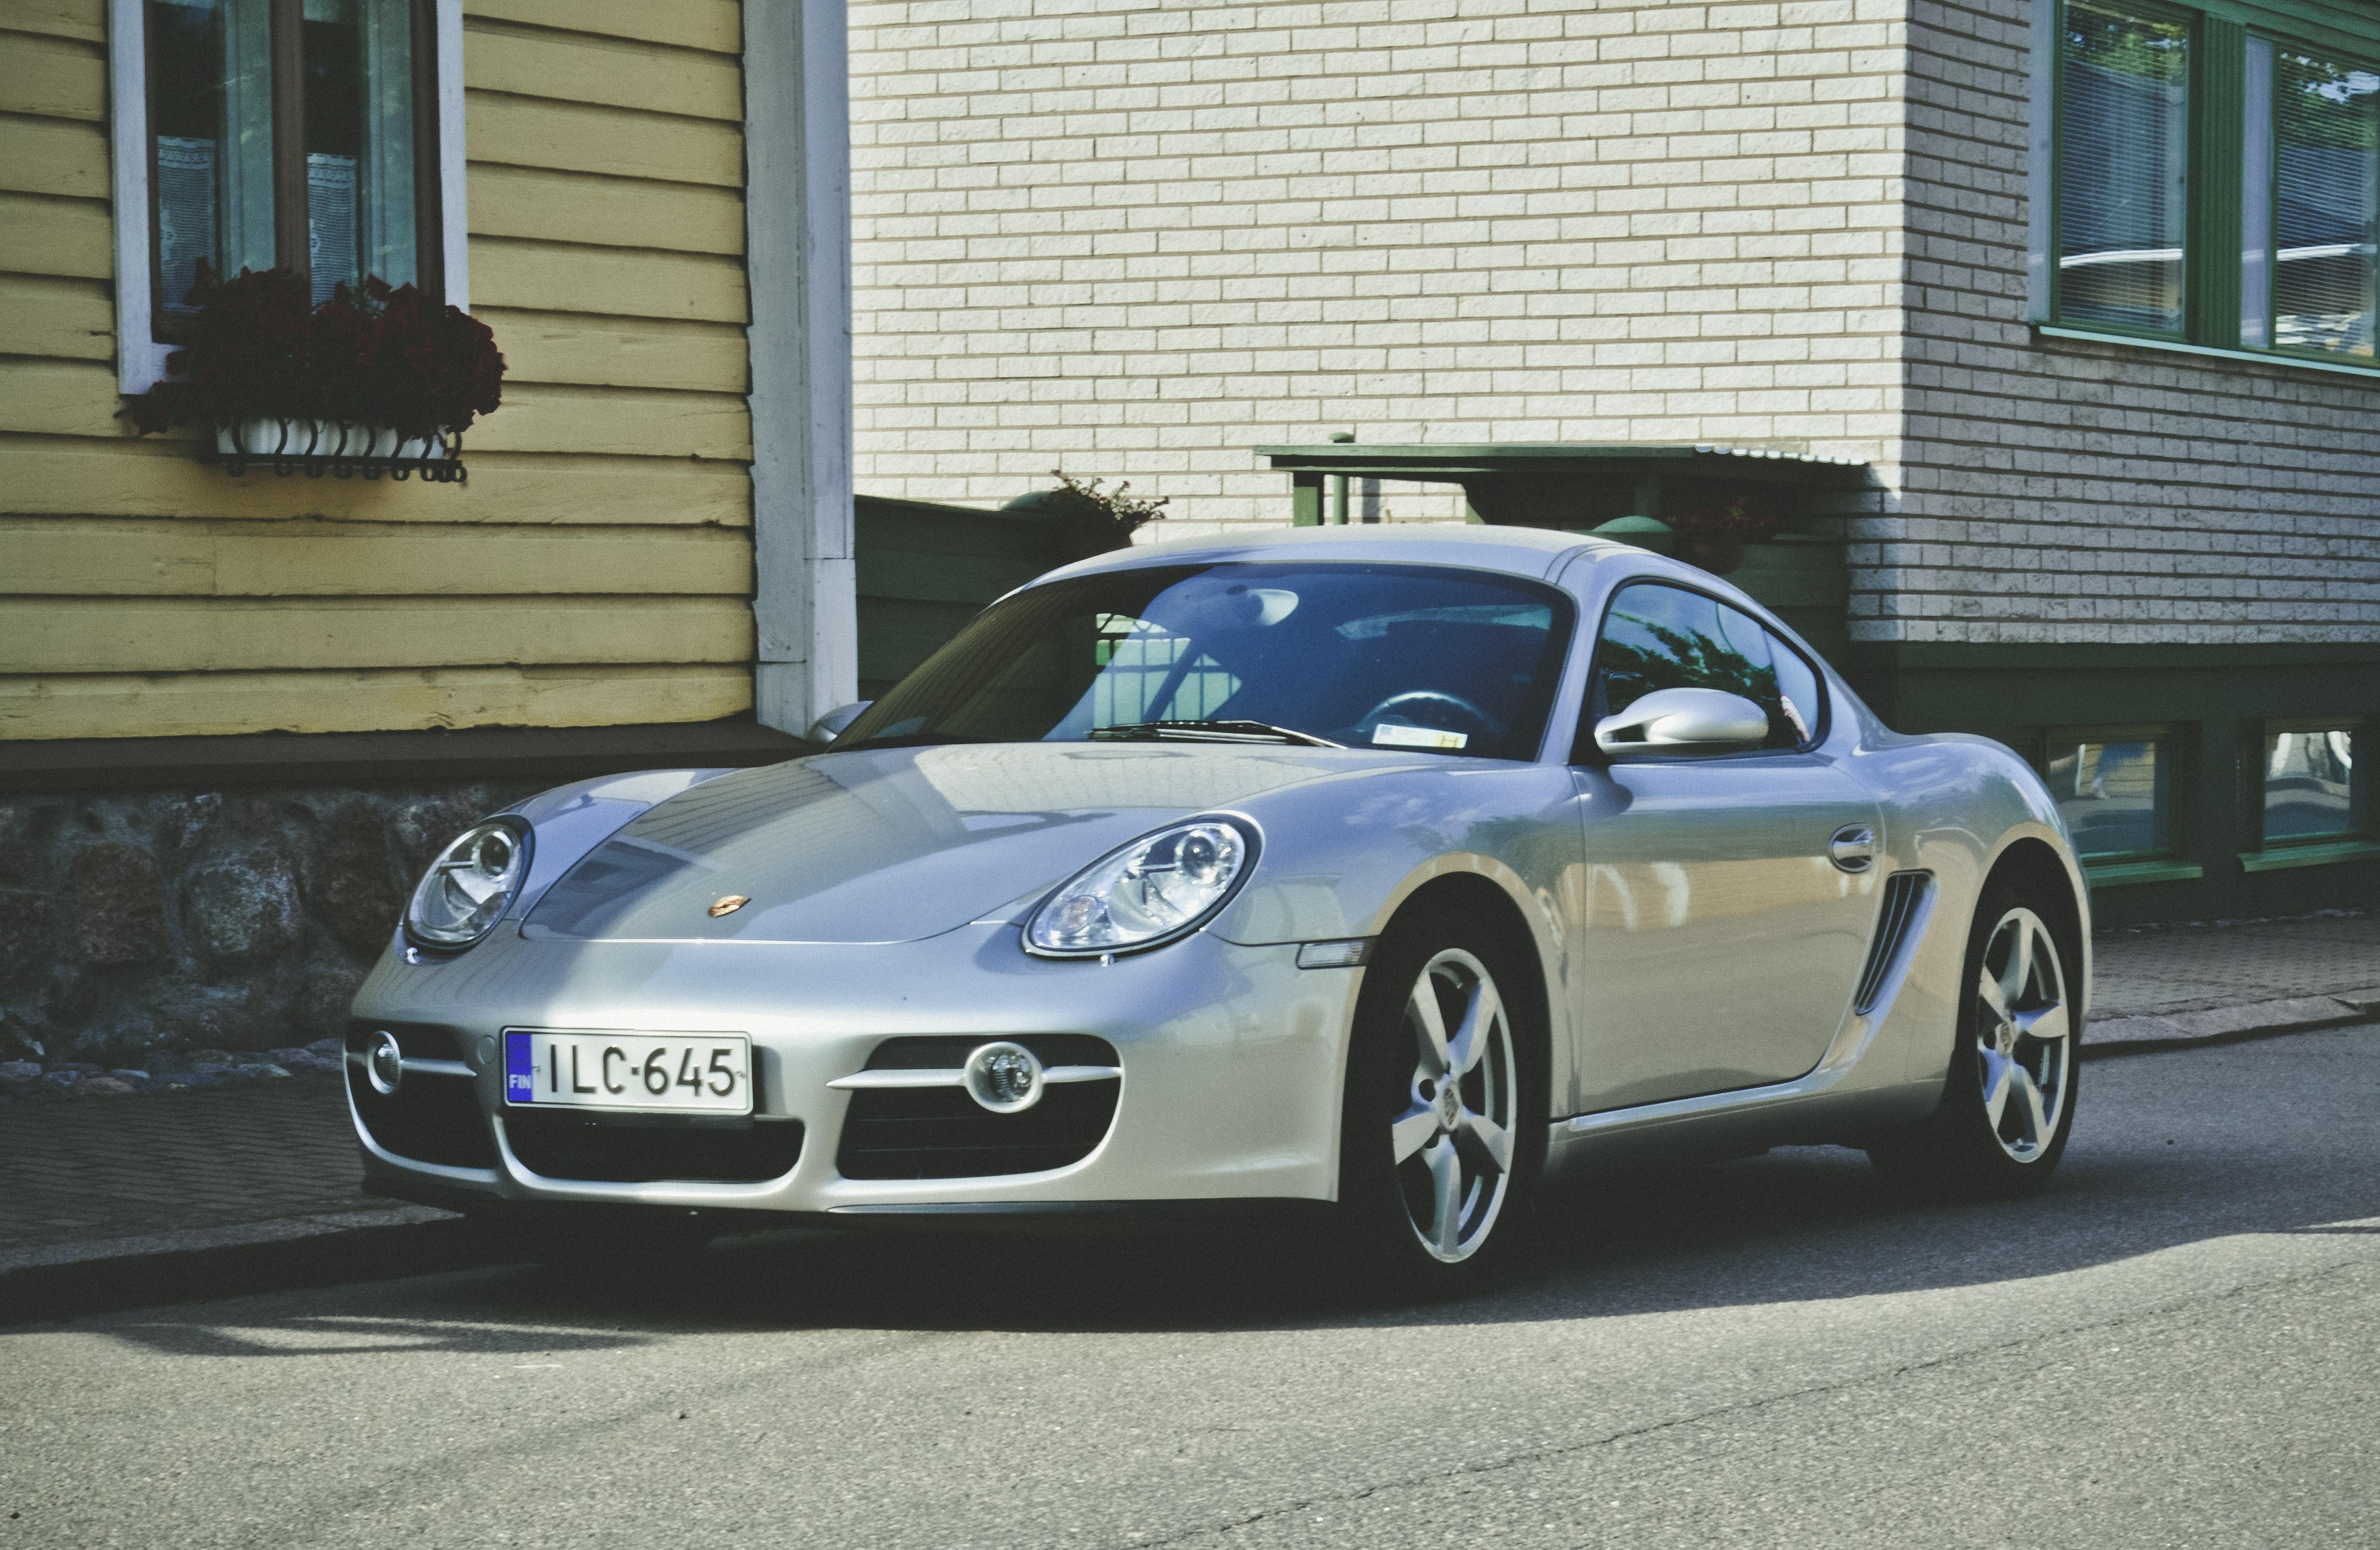 Silver porsche carrera coupe photo